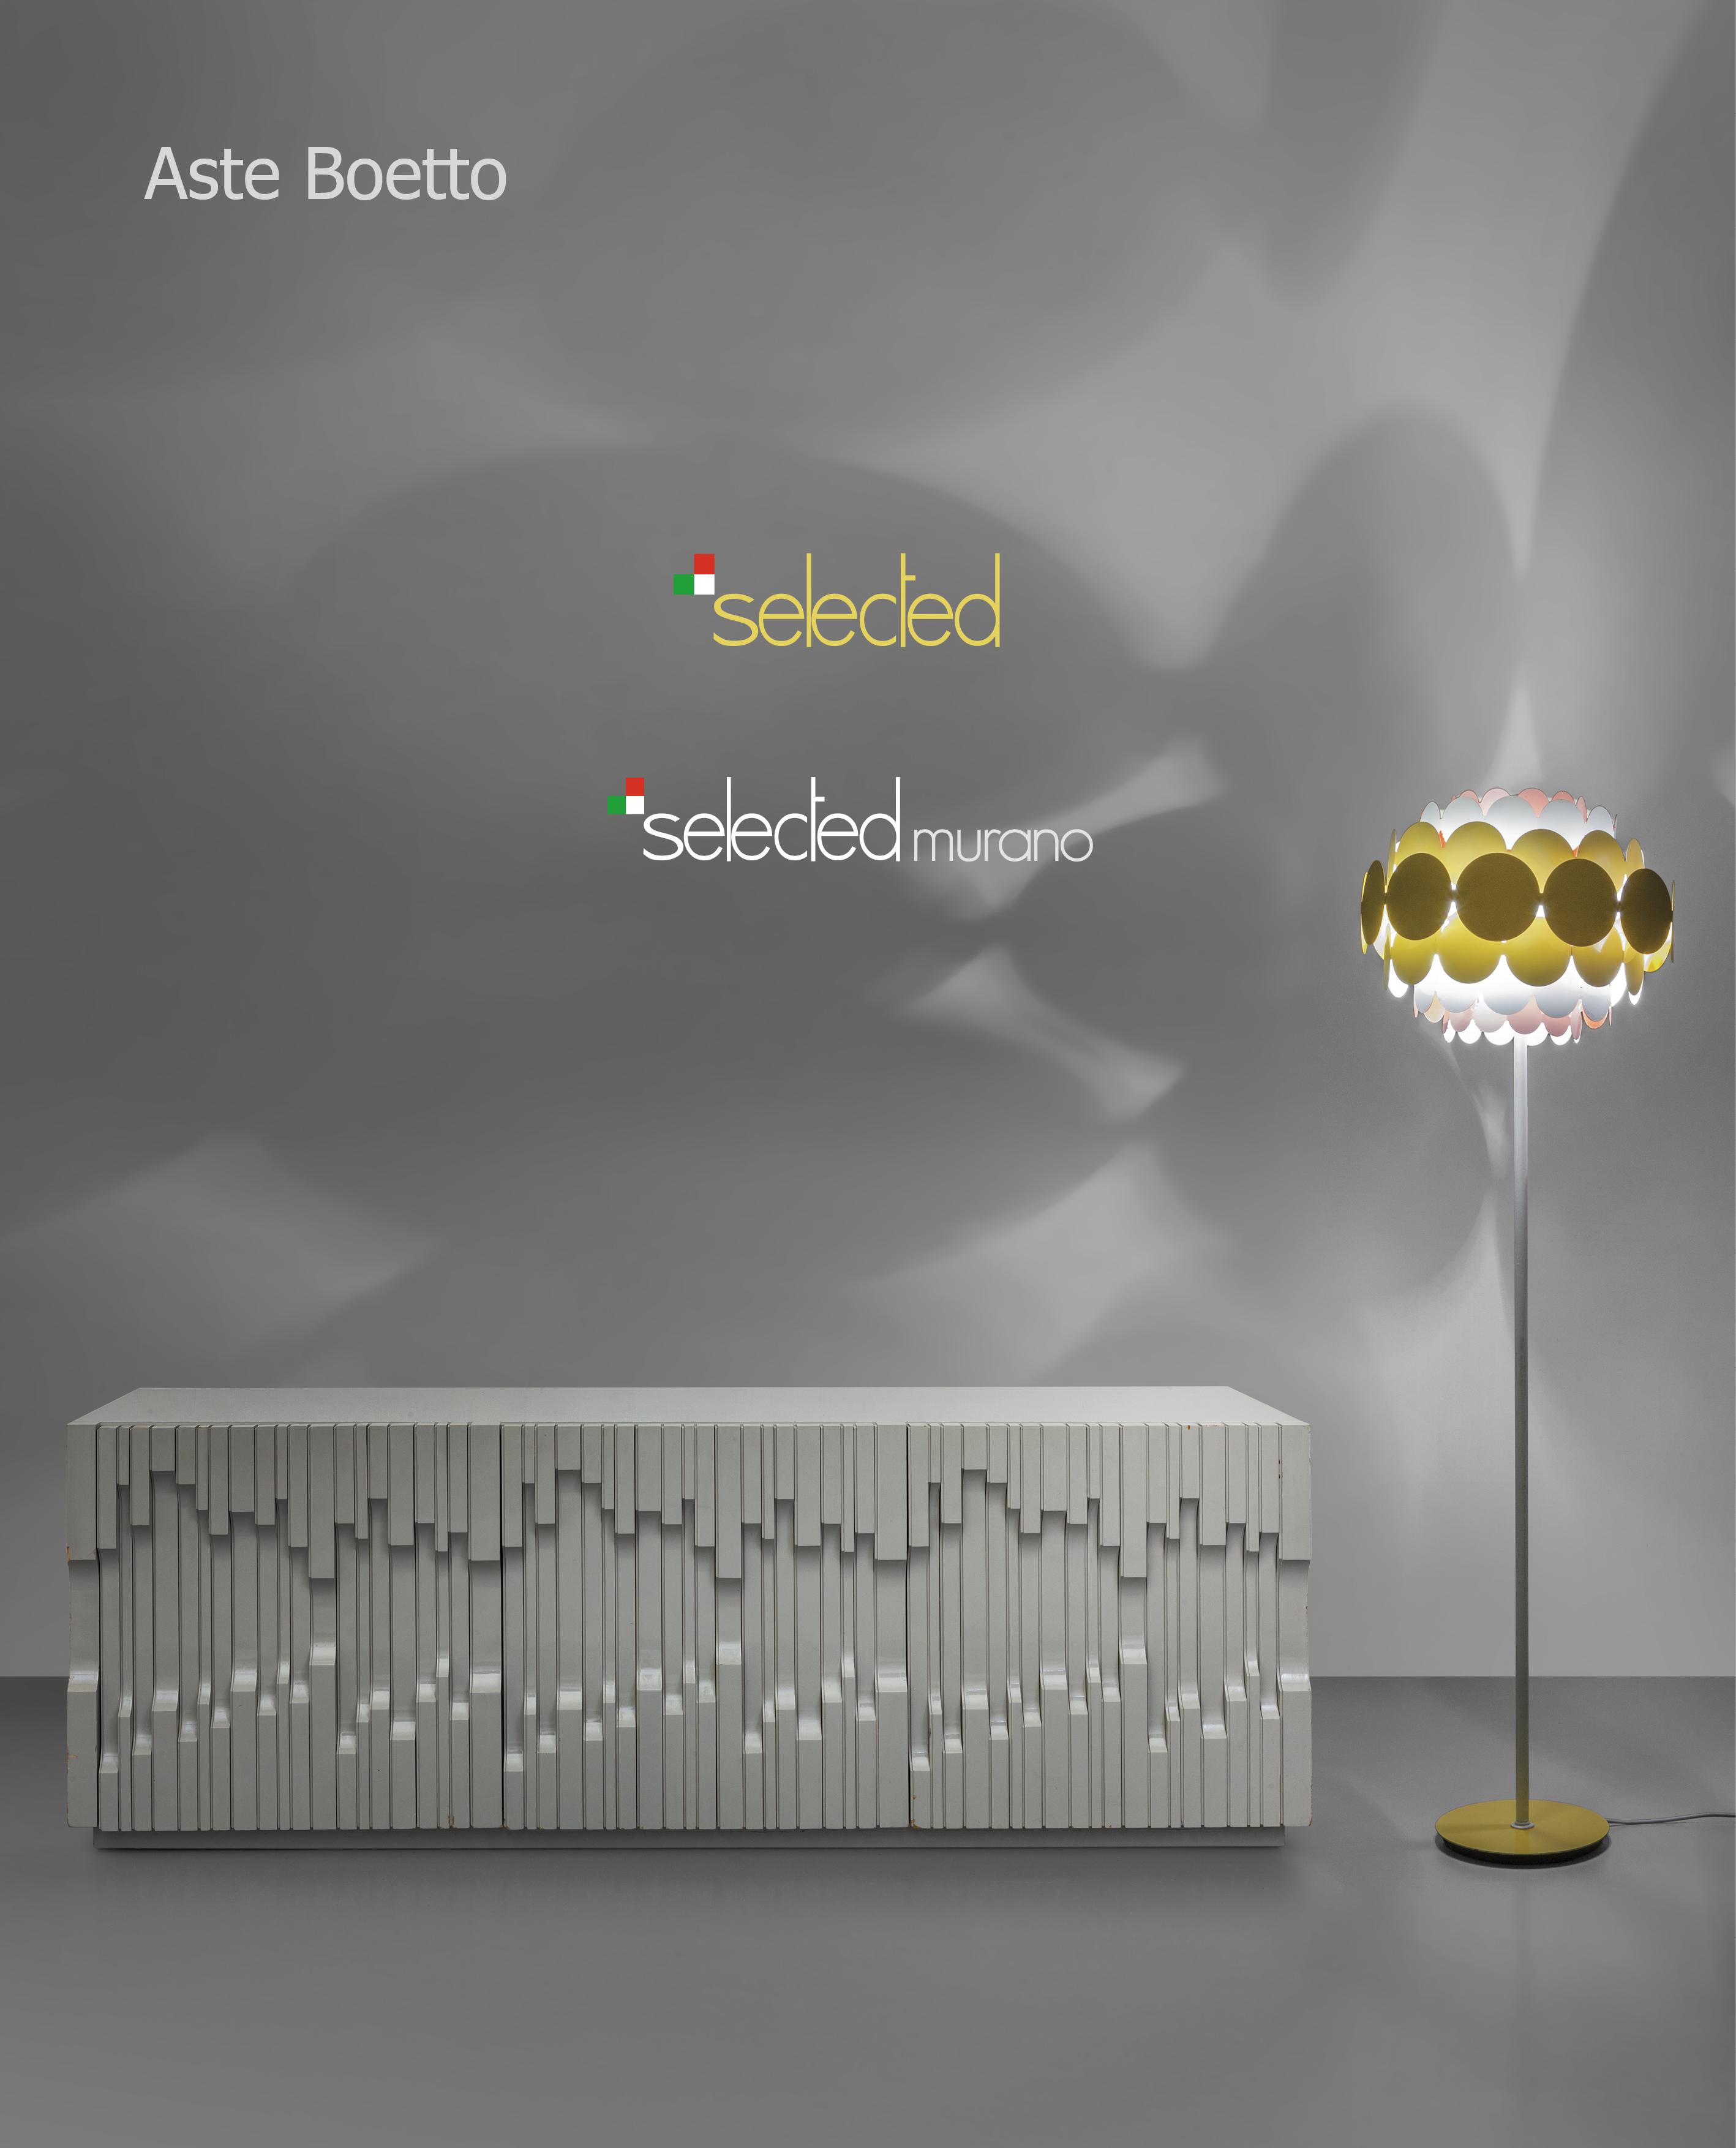 Vente Selected Design & Selected Murano chez Aste di Antiquariato Boetto : 438 lots